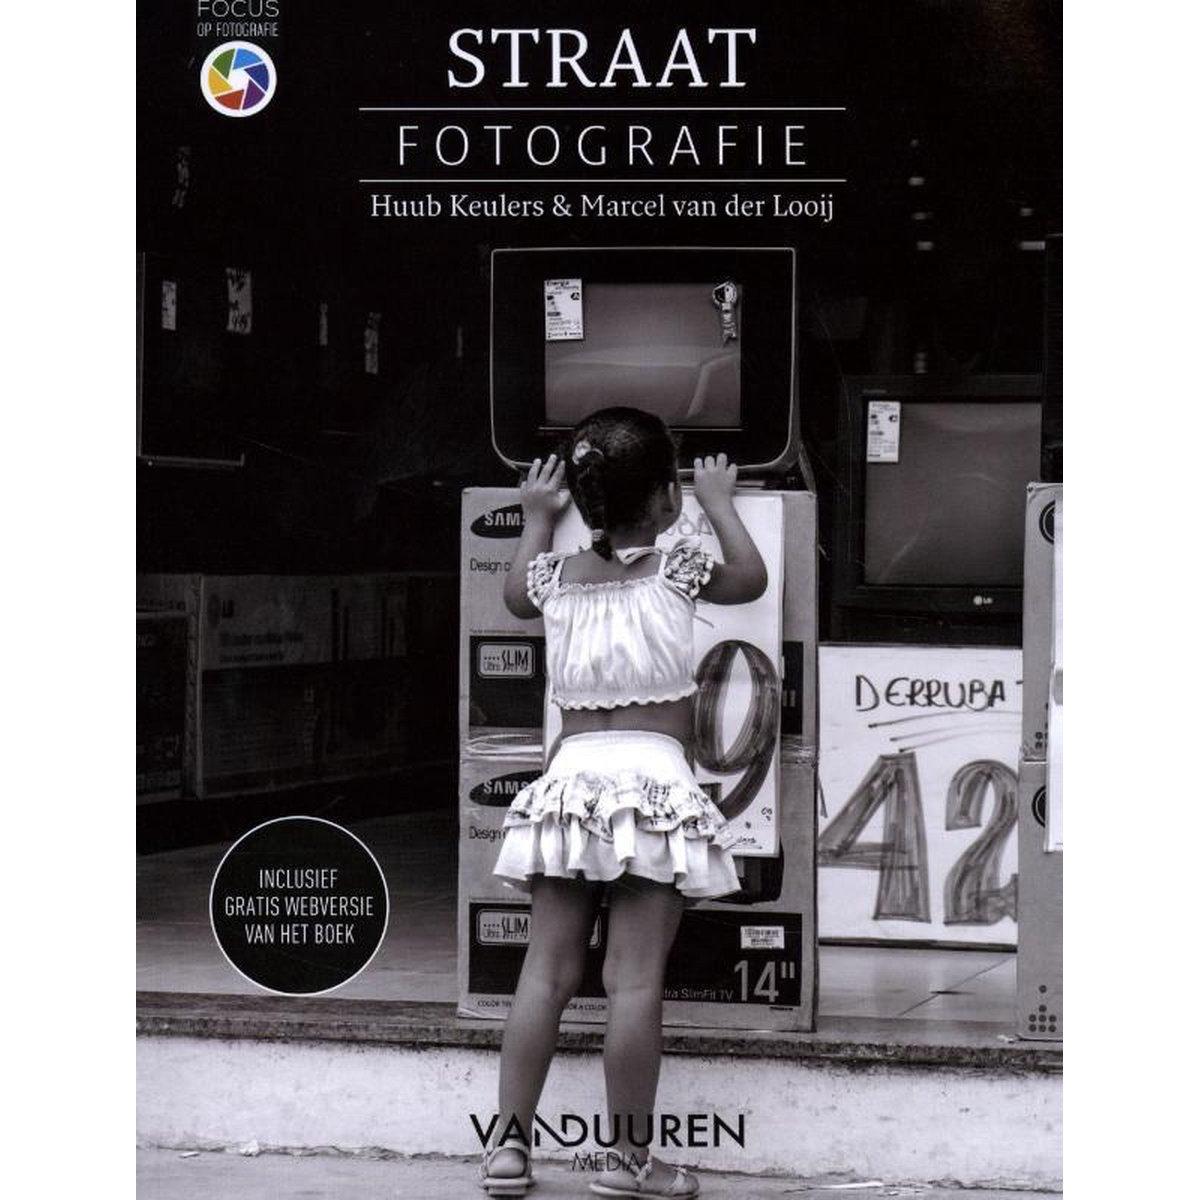 Focus op fotografie: Straatfotografie - Keulers & van der Looij